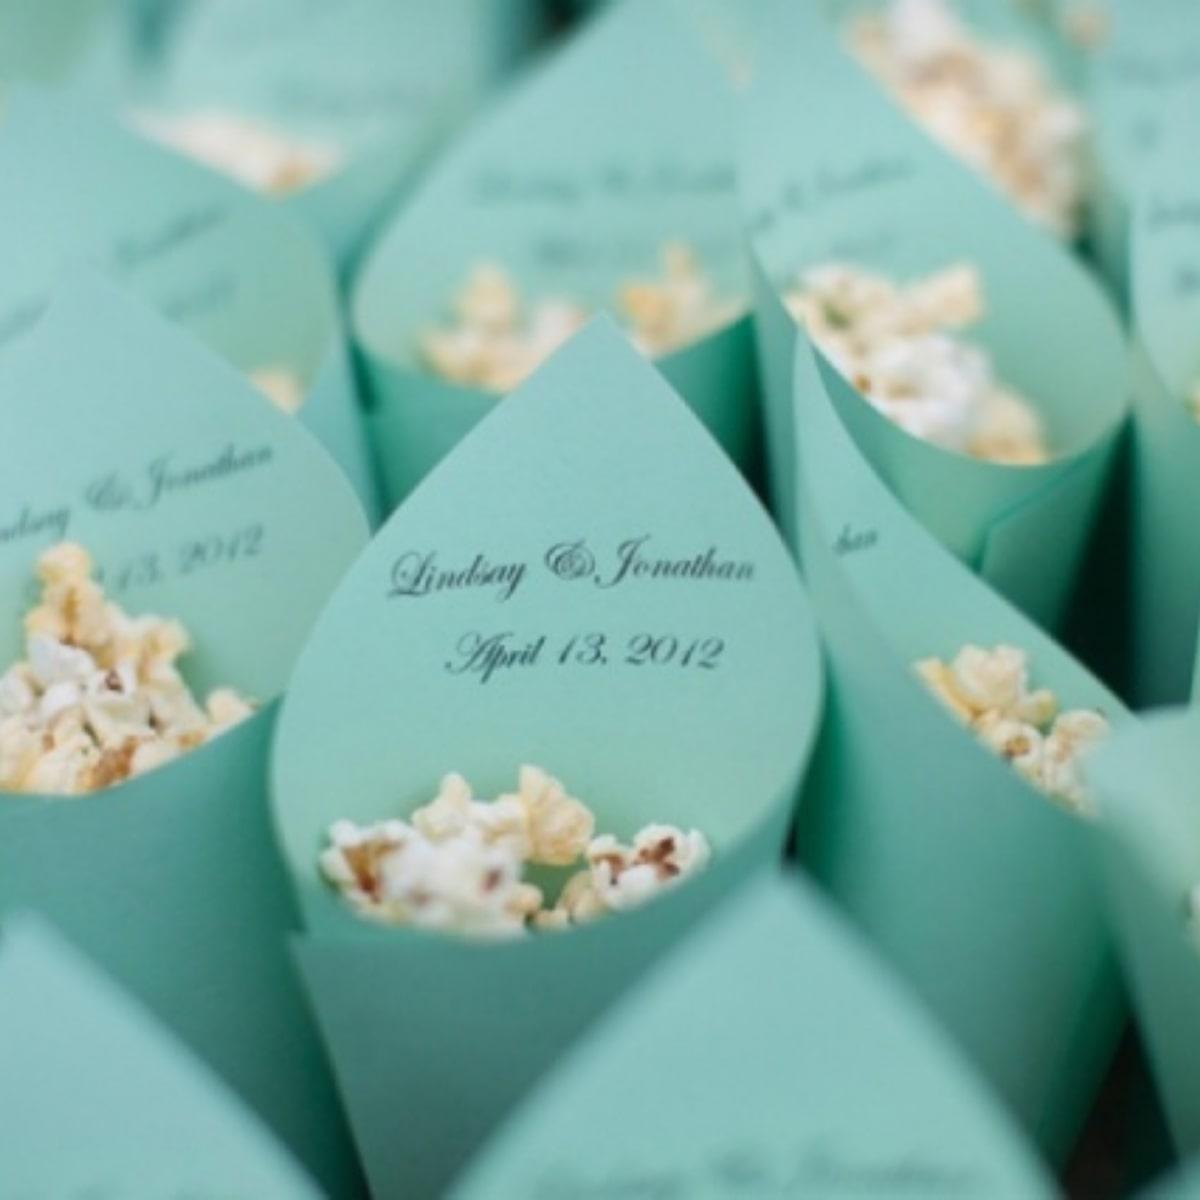 Op zoek naar een huwelijksbedankje voor jullie bruiloft? Zakjes popcorn bij Groen Trouwen!